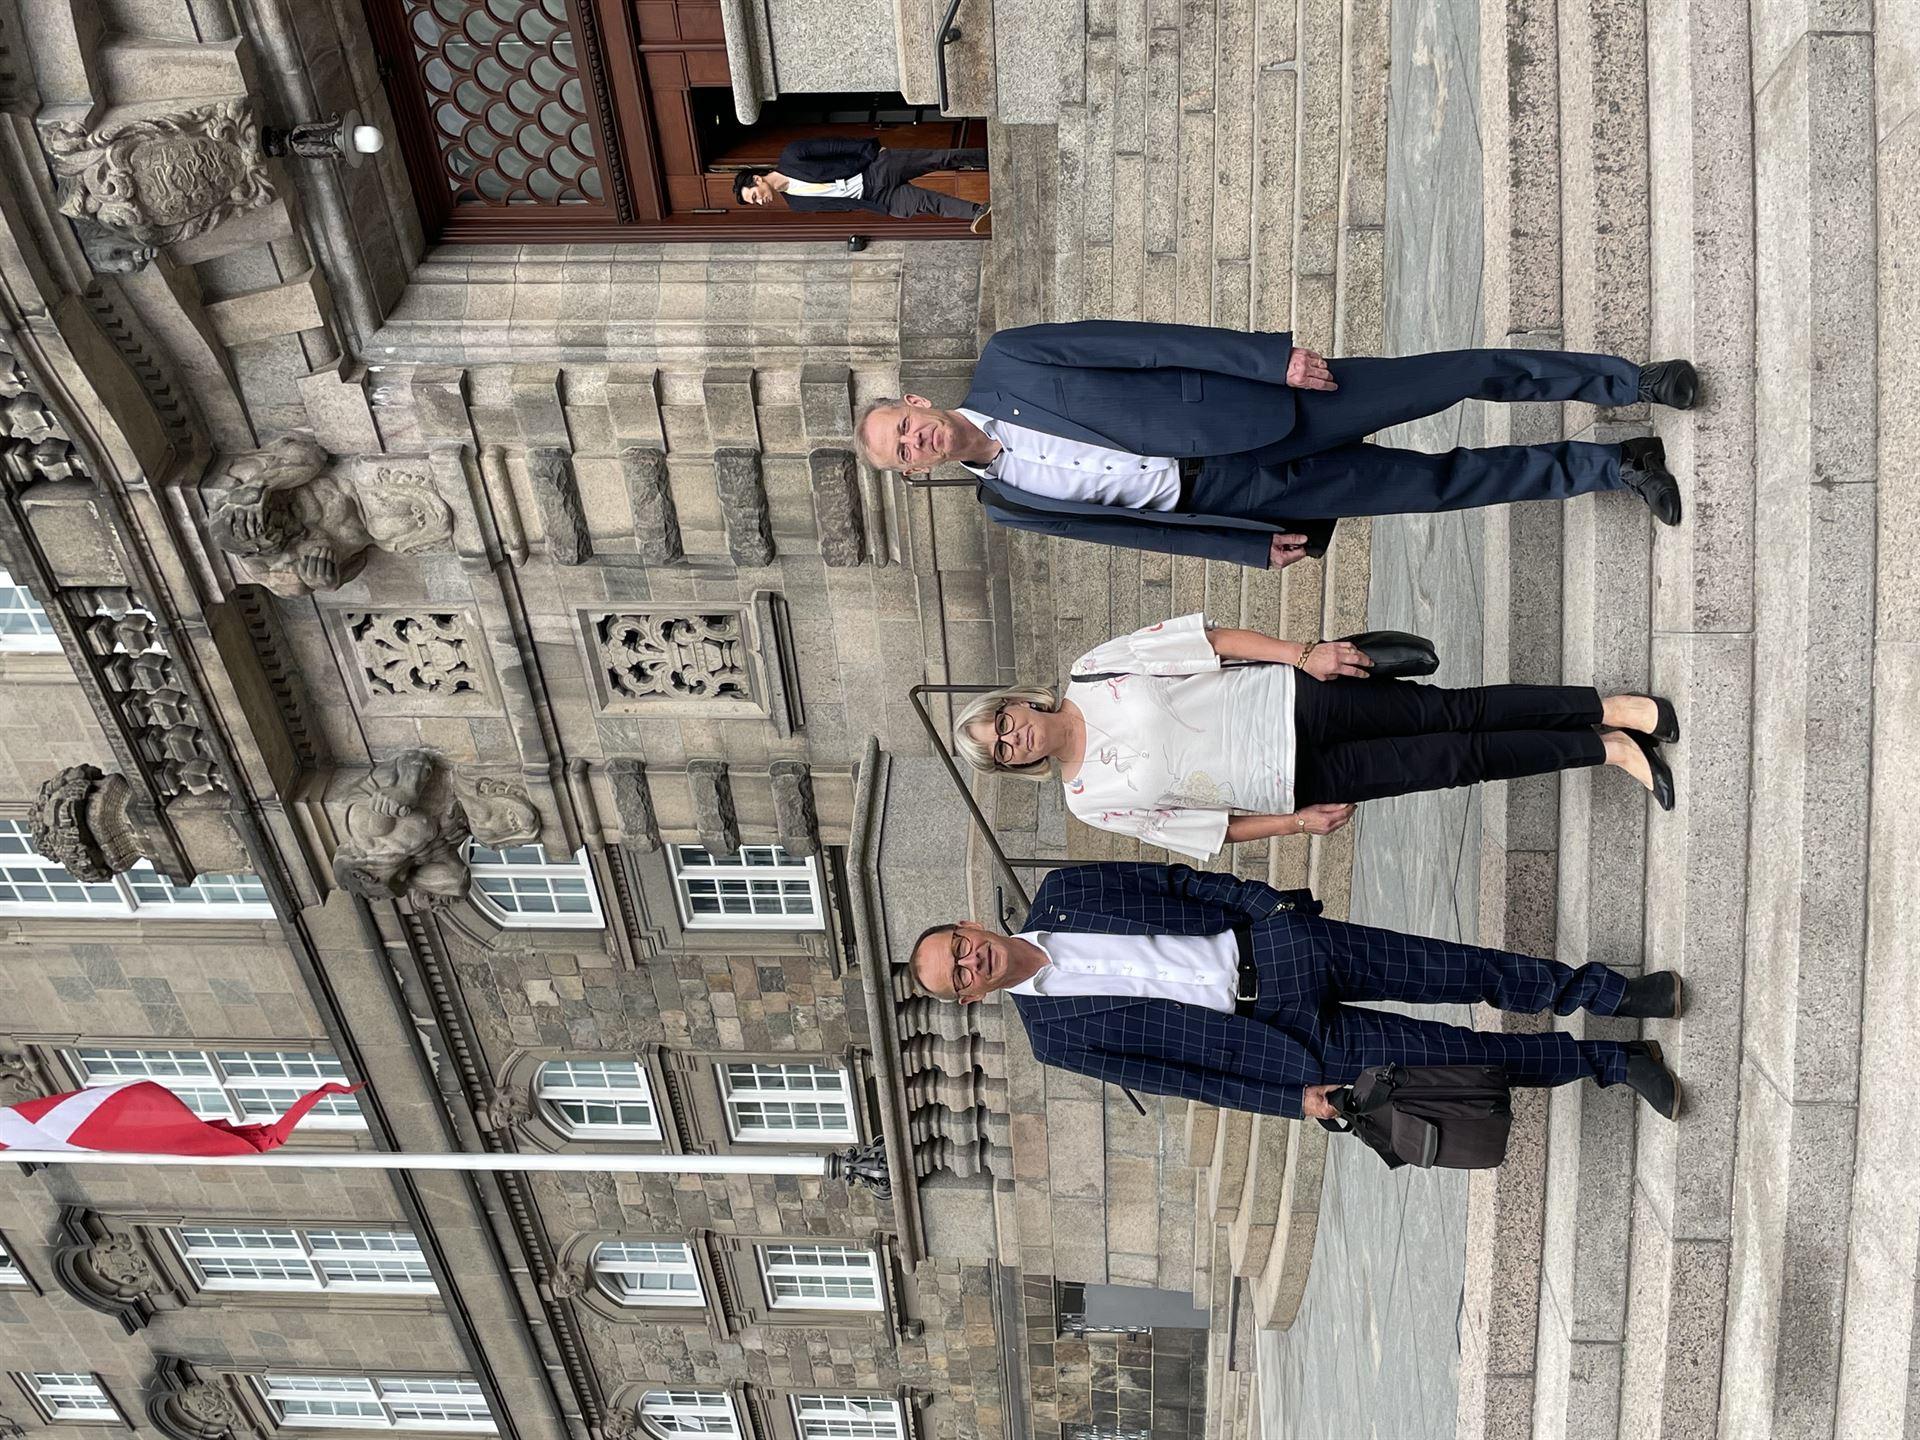 Ved foretrædet deltog fra Haderslev Kommune borgmester H. P. Geil, formand for Flyvestation Skrydstrups naboer, Agnes Rosenlund, og 2. viceborgmester Henrik Rønnow Foto: Pressefoto